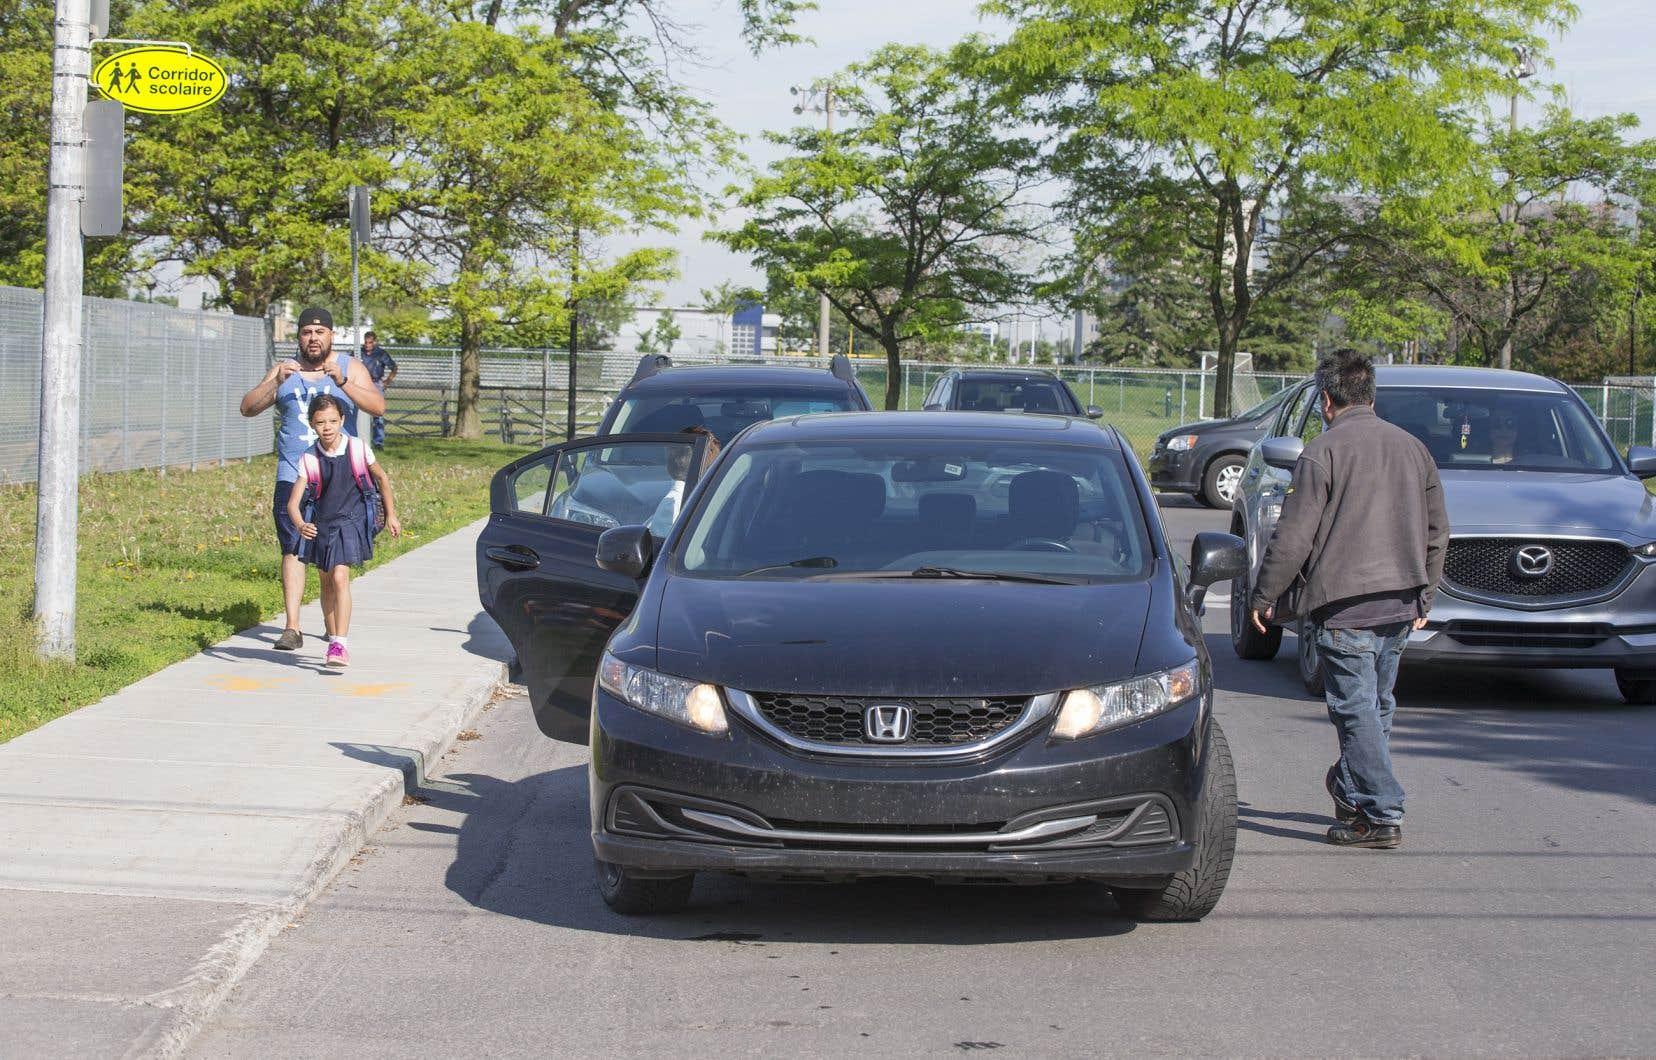 Depuis l'an dernier, des chercheurs ont observé le mode de transport d'élèves de plus de 125 écoles primaires de l'île de Montréal et de Laval, dont l'école primaire General Vanier, à Saint-Léonard.